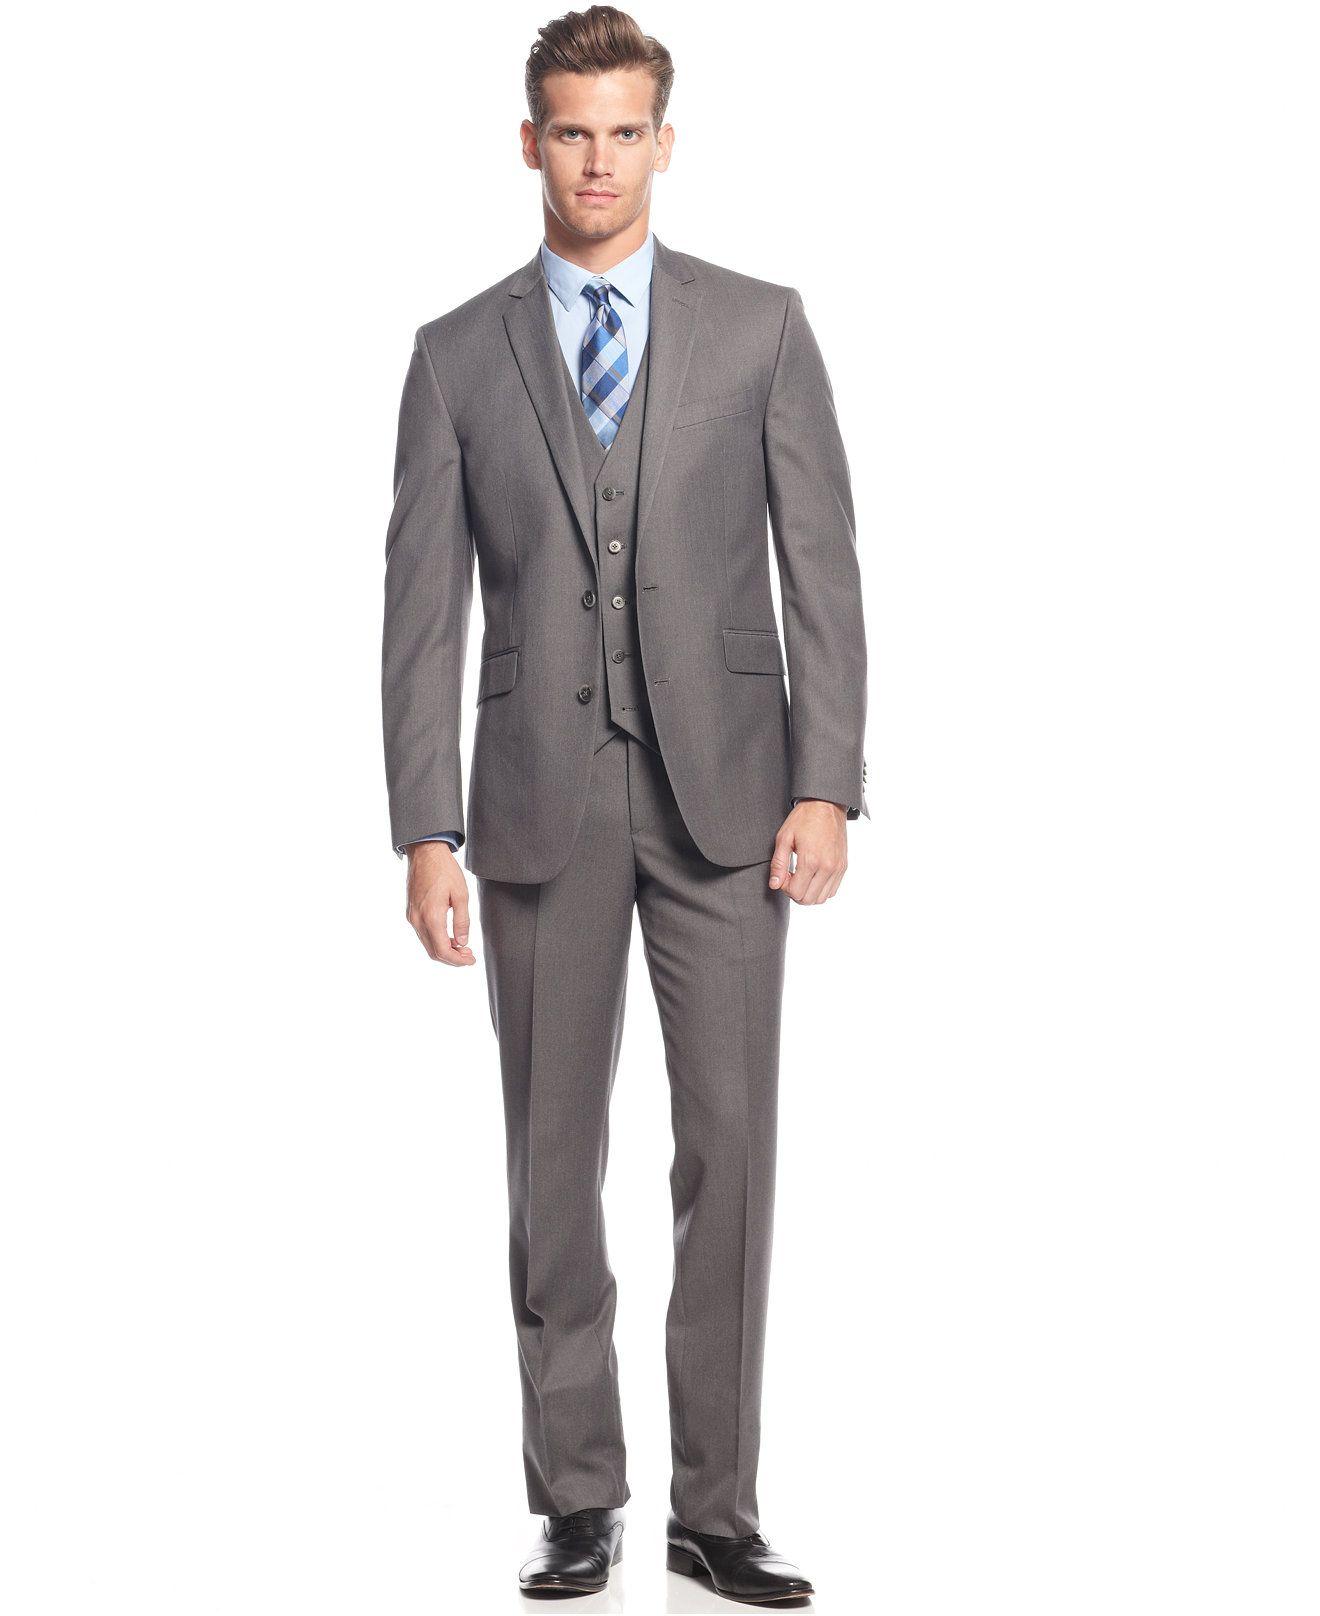 Kenneth Cole Reaction Light Grey Solid Vested Slim-Fit Suit - Shop ...